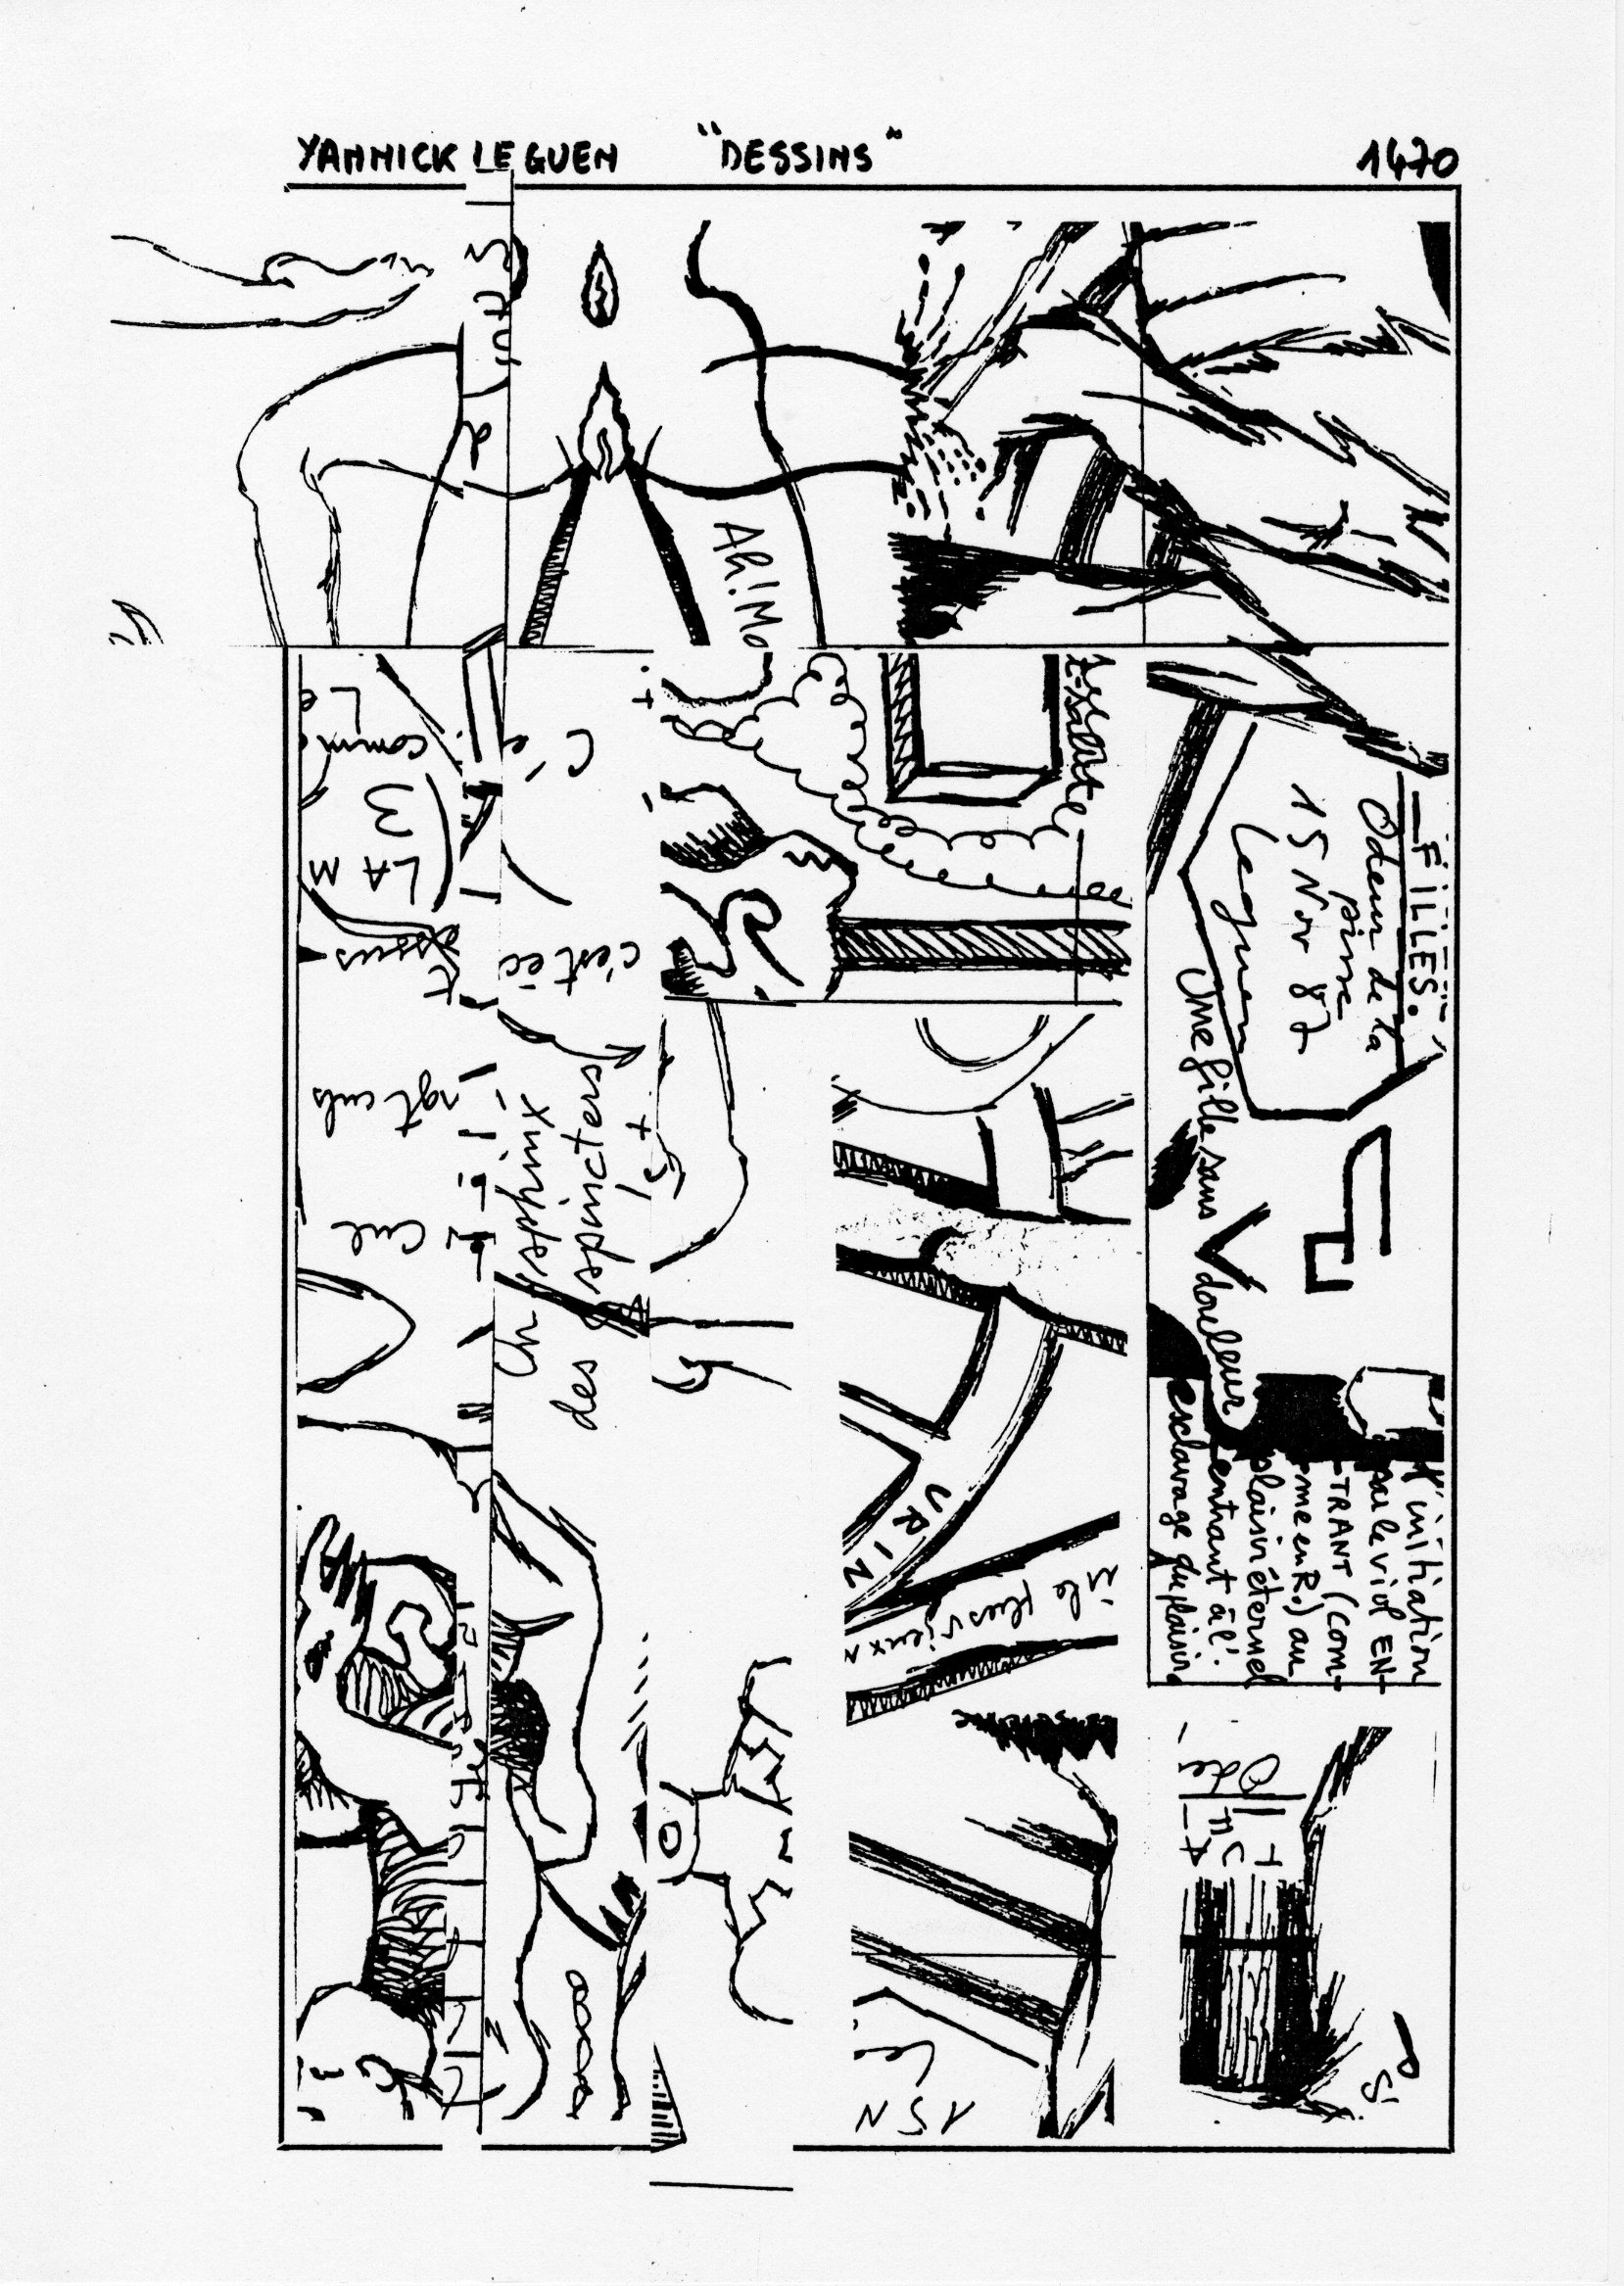 page 1470 Y. Leguen DESSINS